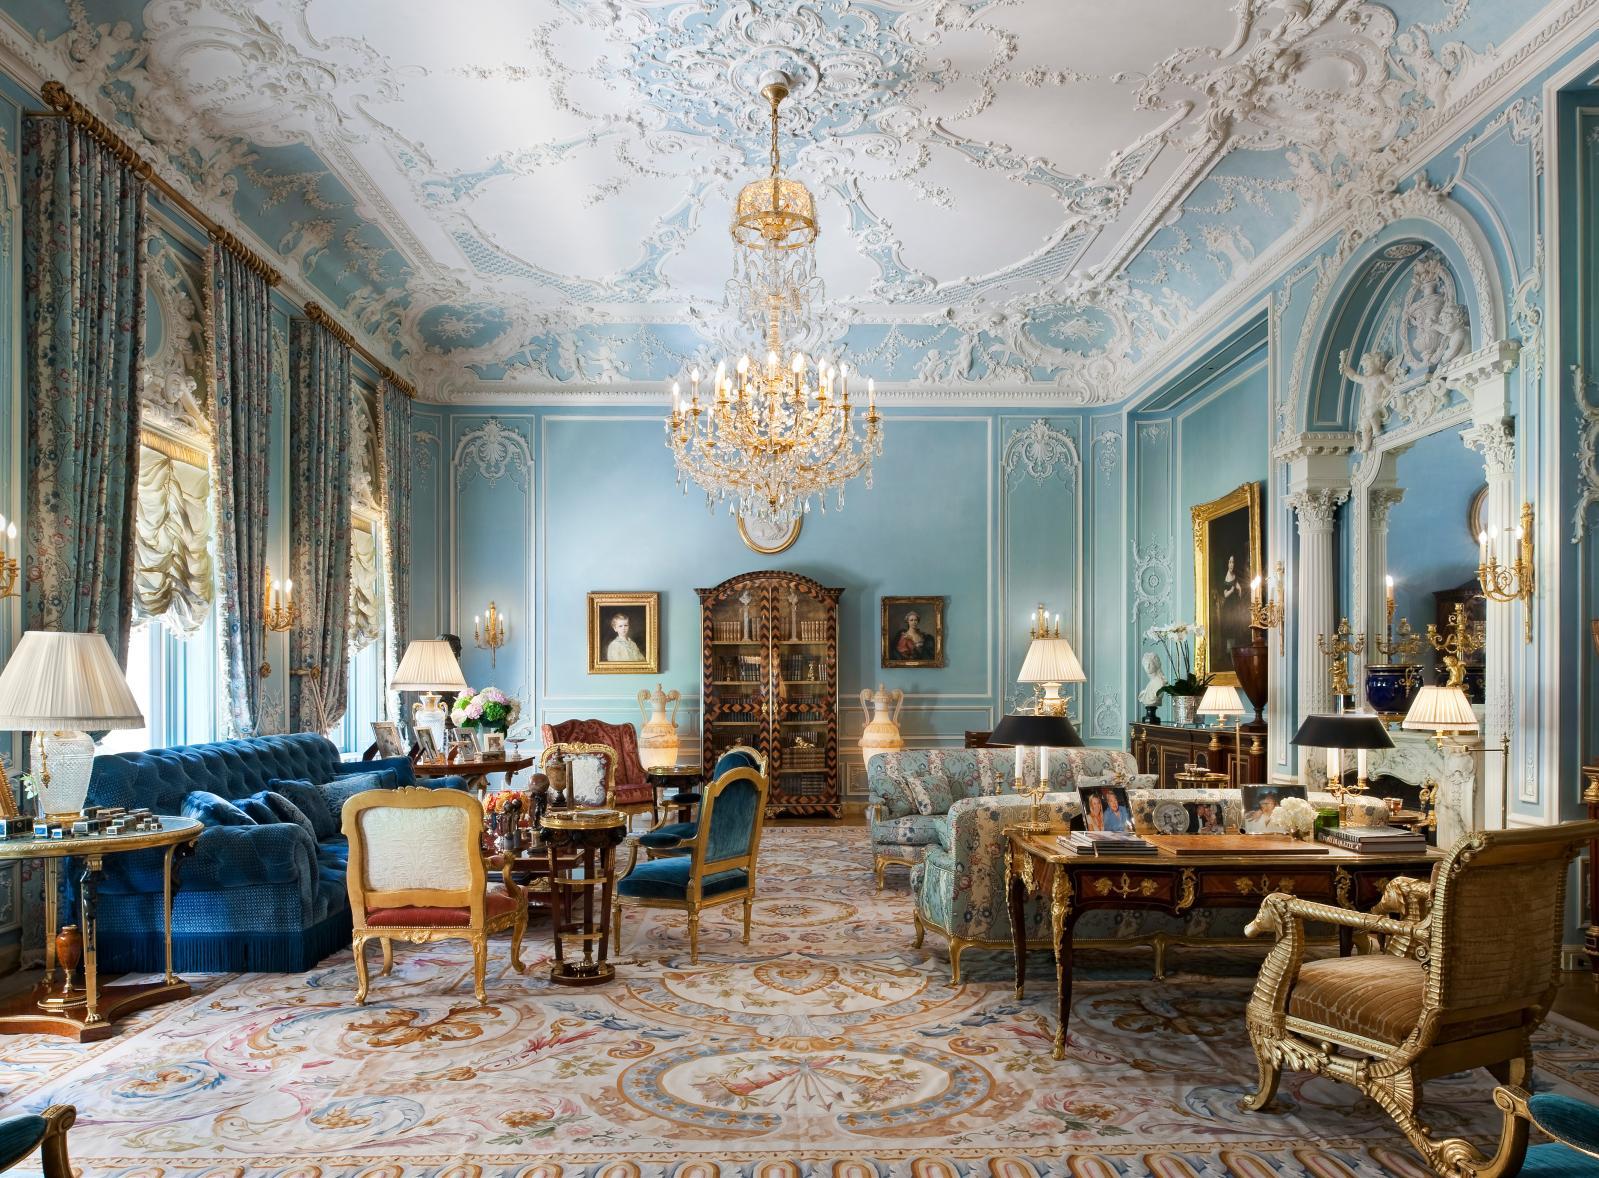 Le style d'Alberto Pinto en majesté dans cet hôtel particulier sur la Ve avenue, à New York. Bureau LouisXV, fauteuils à la reine, guéridon Weisweill